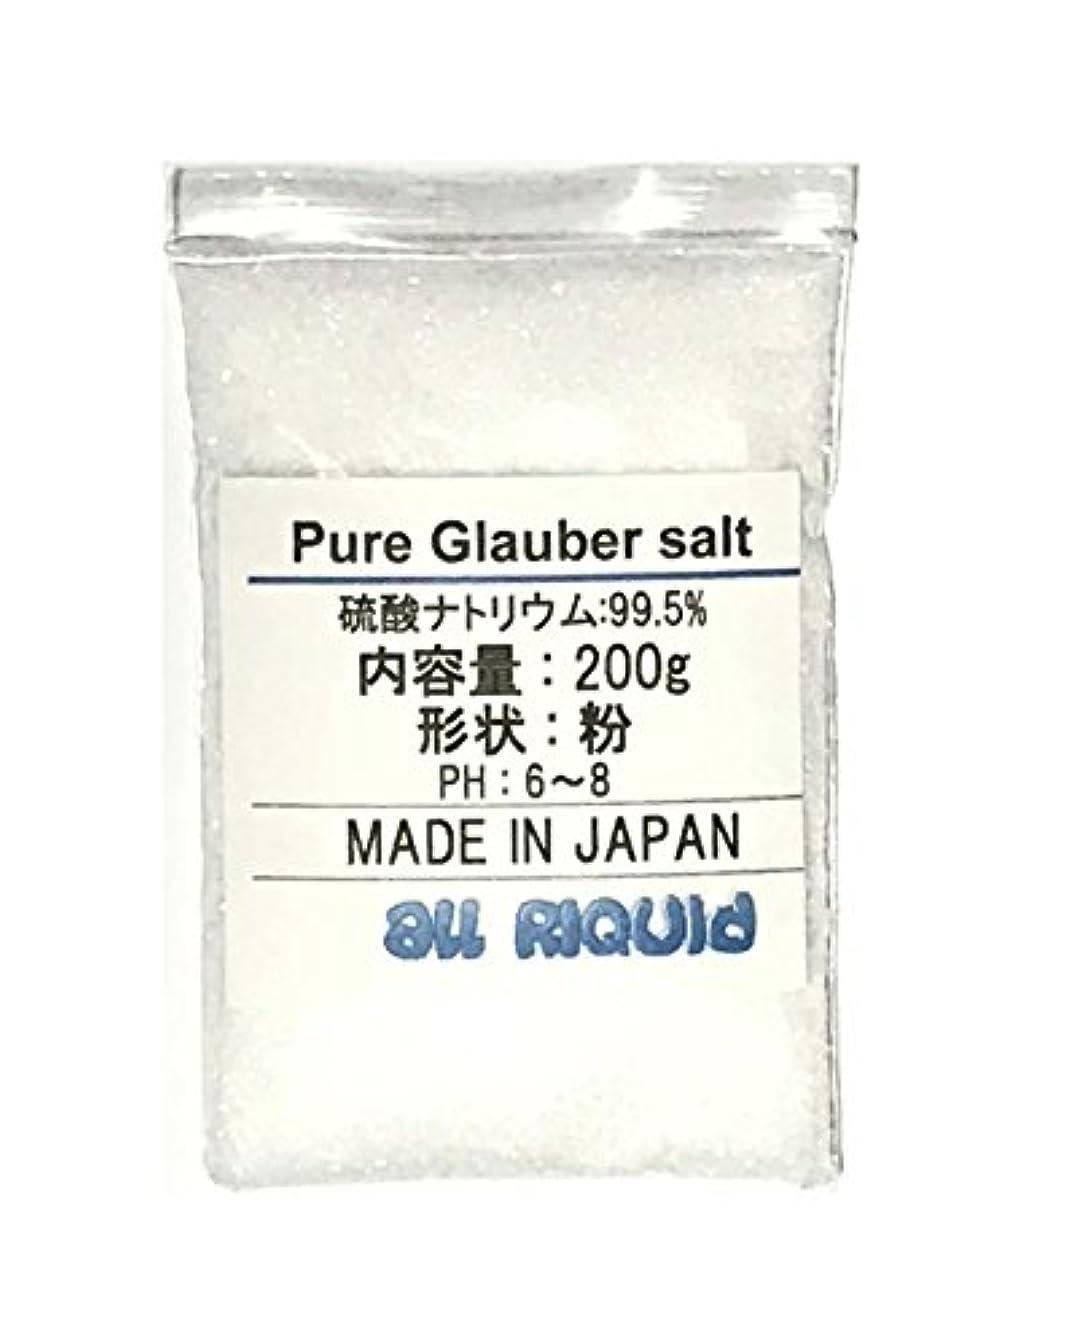 腐った無声で受賞純 グラウバー 無香料 200g x5 (硫酸ナトリウム) 50回分 99.5% 国産品 オールリキッド 芒硝